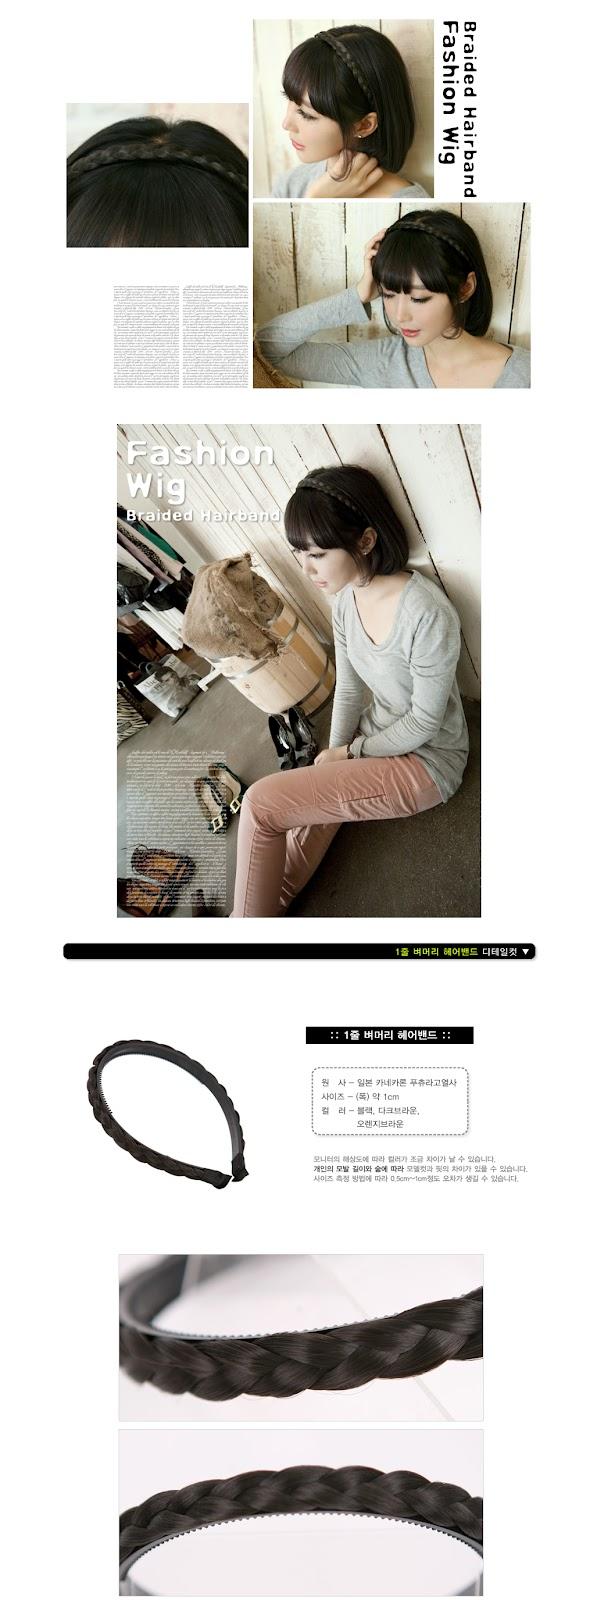 http://2.bp.blogspot.com/-C8UWIRq7Lx8/T5WBAU42FUI/AAAAAAAAHIs/VJI7b2PRtvM/s1600/braided+.jpg